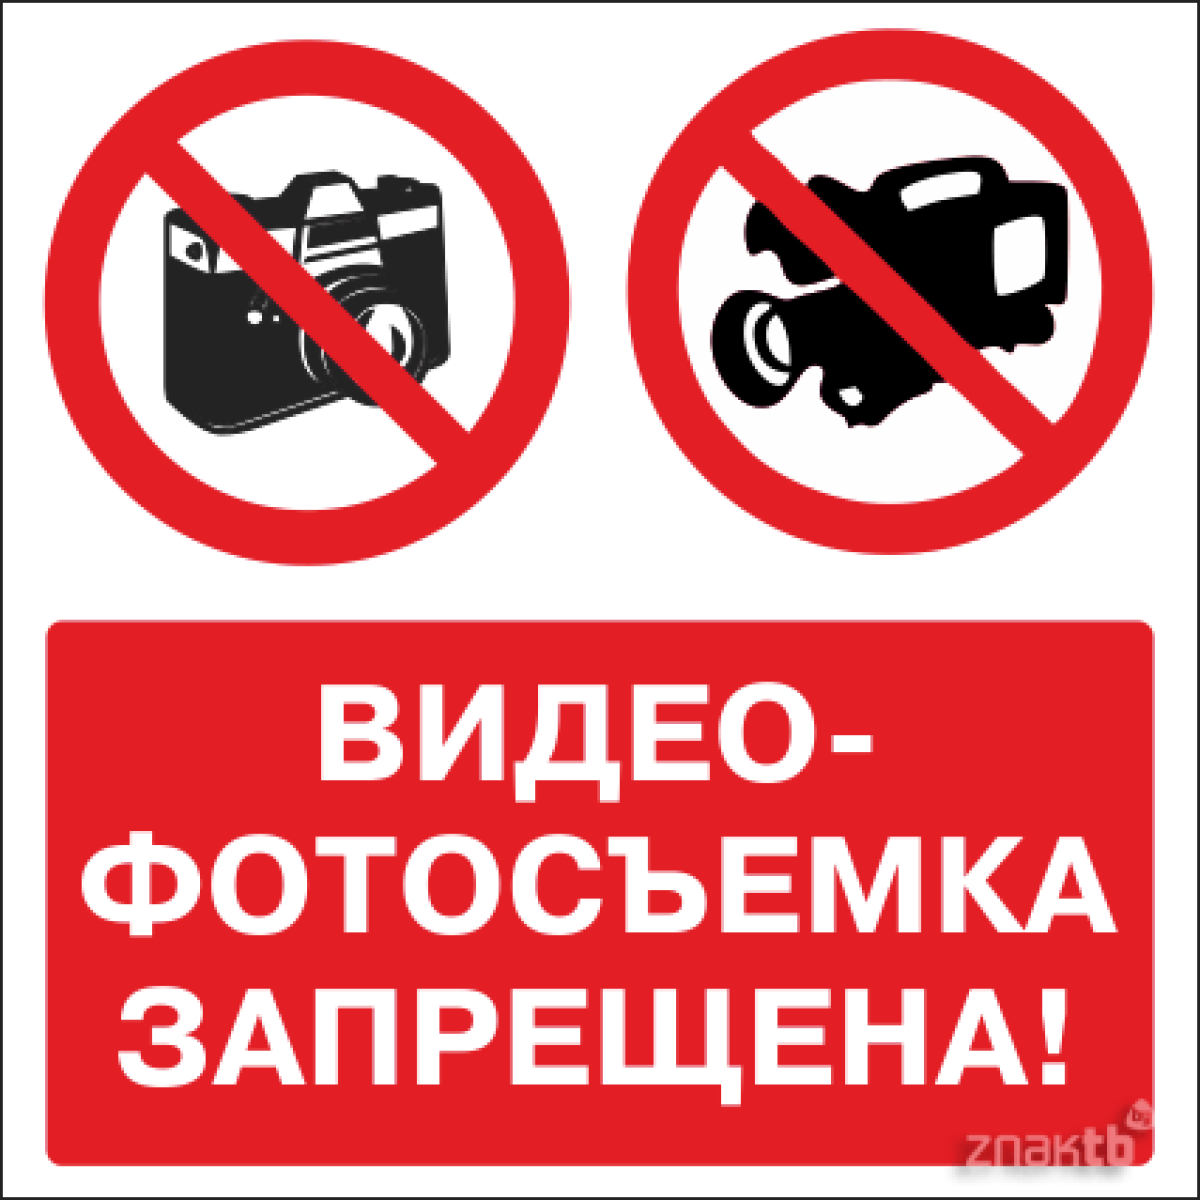 1757  Фото и видеосъемка запрещена